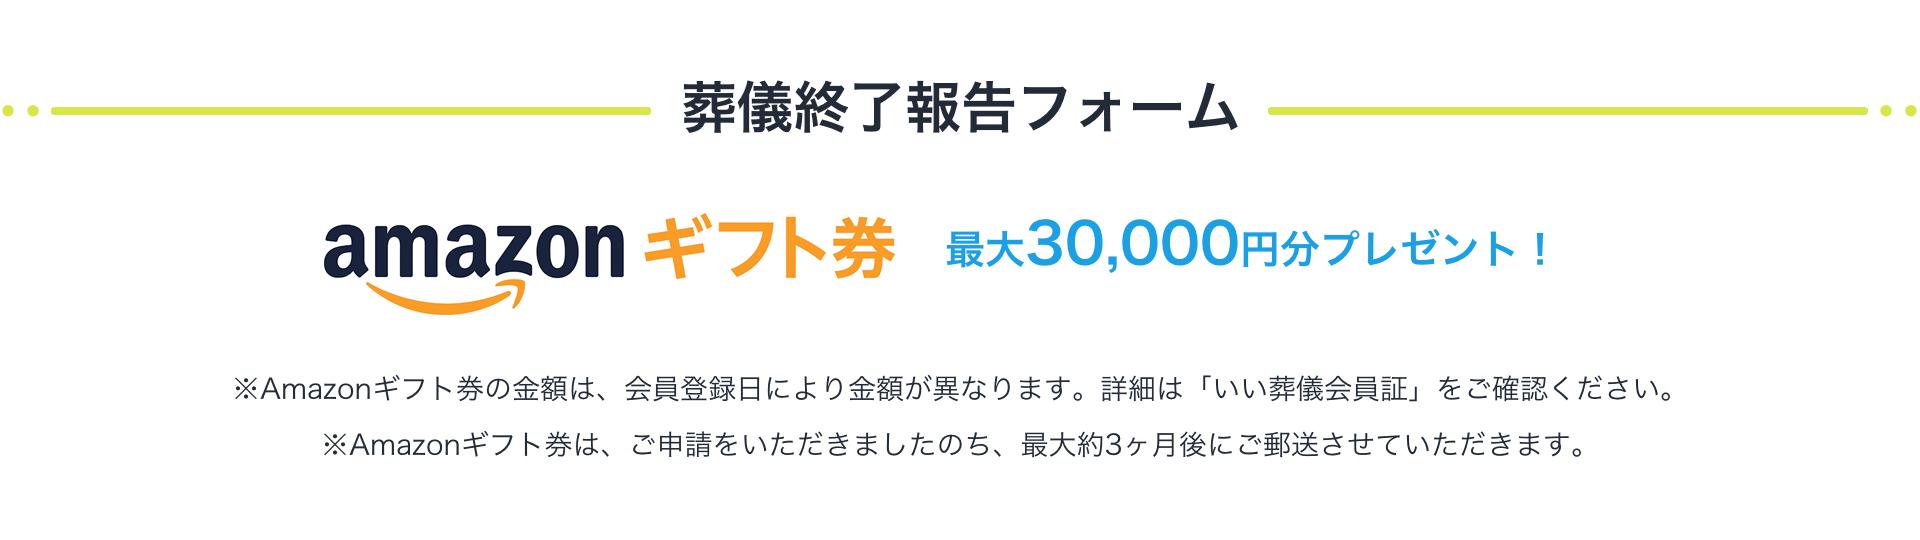 【葬儀終了報告フォーム】Amazonギフト券の金額は、会員登録日により金額が異なります。詳細は「いい葬儀会員証」をご確認ください。※Amazonギフト券は、ご申請いただきました後、最大約3ヶ月後にご郵送させていただきます。